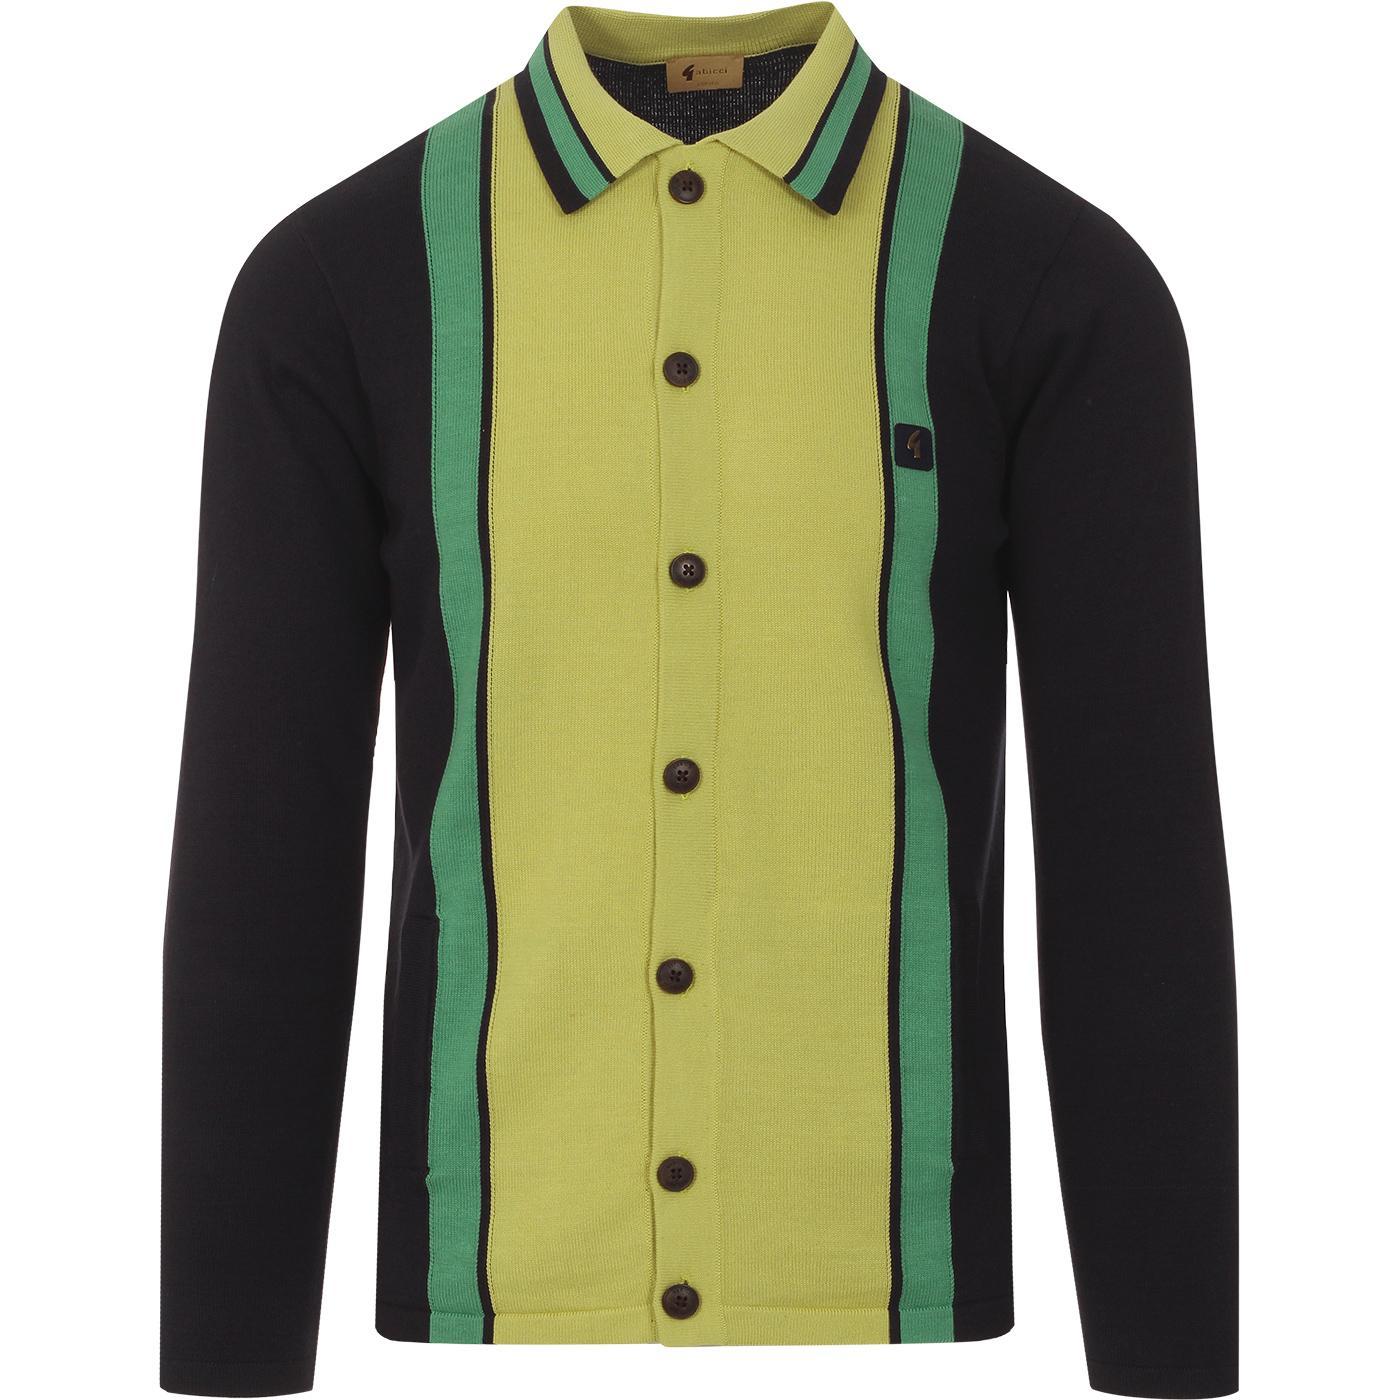 Davison GABICCI VINTAGE Mod Knit Polo Cardigan (N)